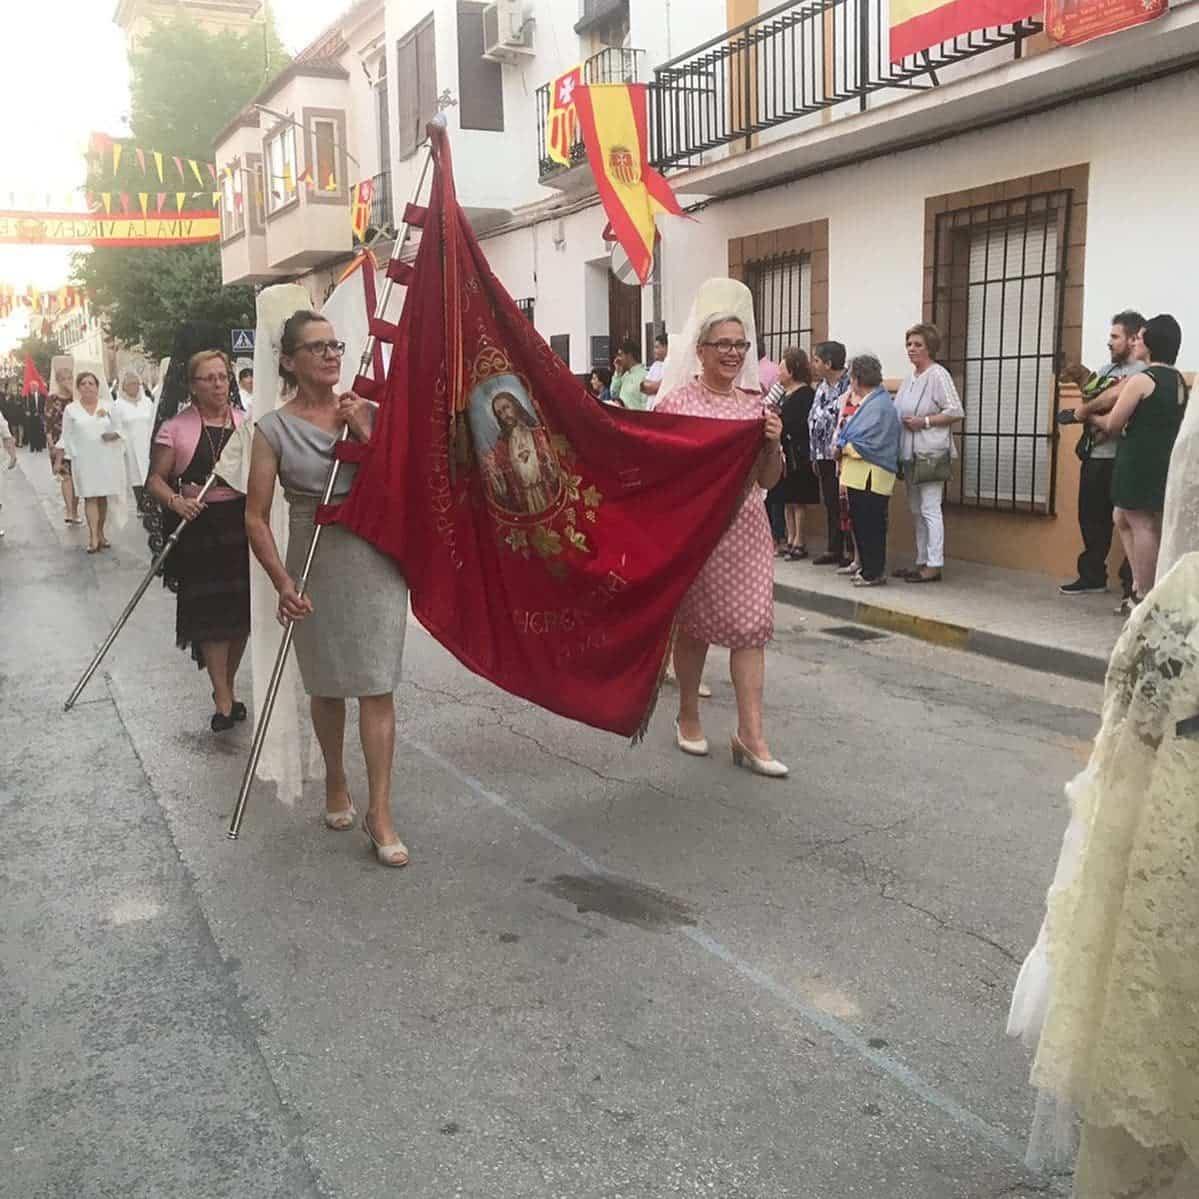 magna procesion feria fiestas 2019 herencia 5 - Magna procesión de nuestra Santísima Madre cierra la Feria y Fiestas herenciana